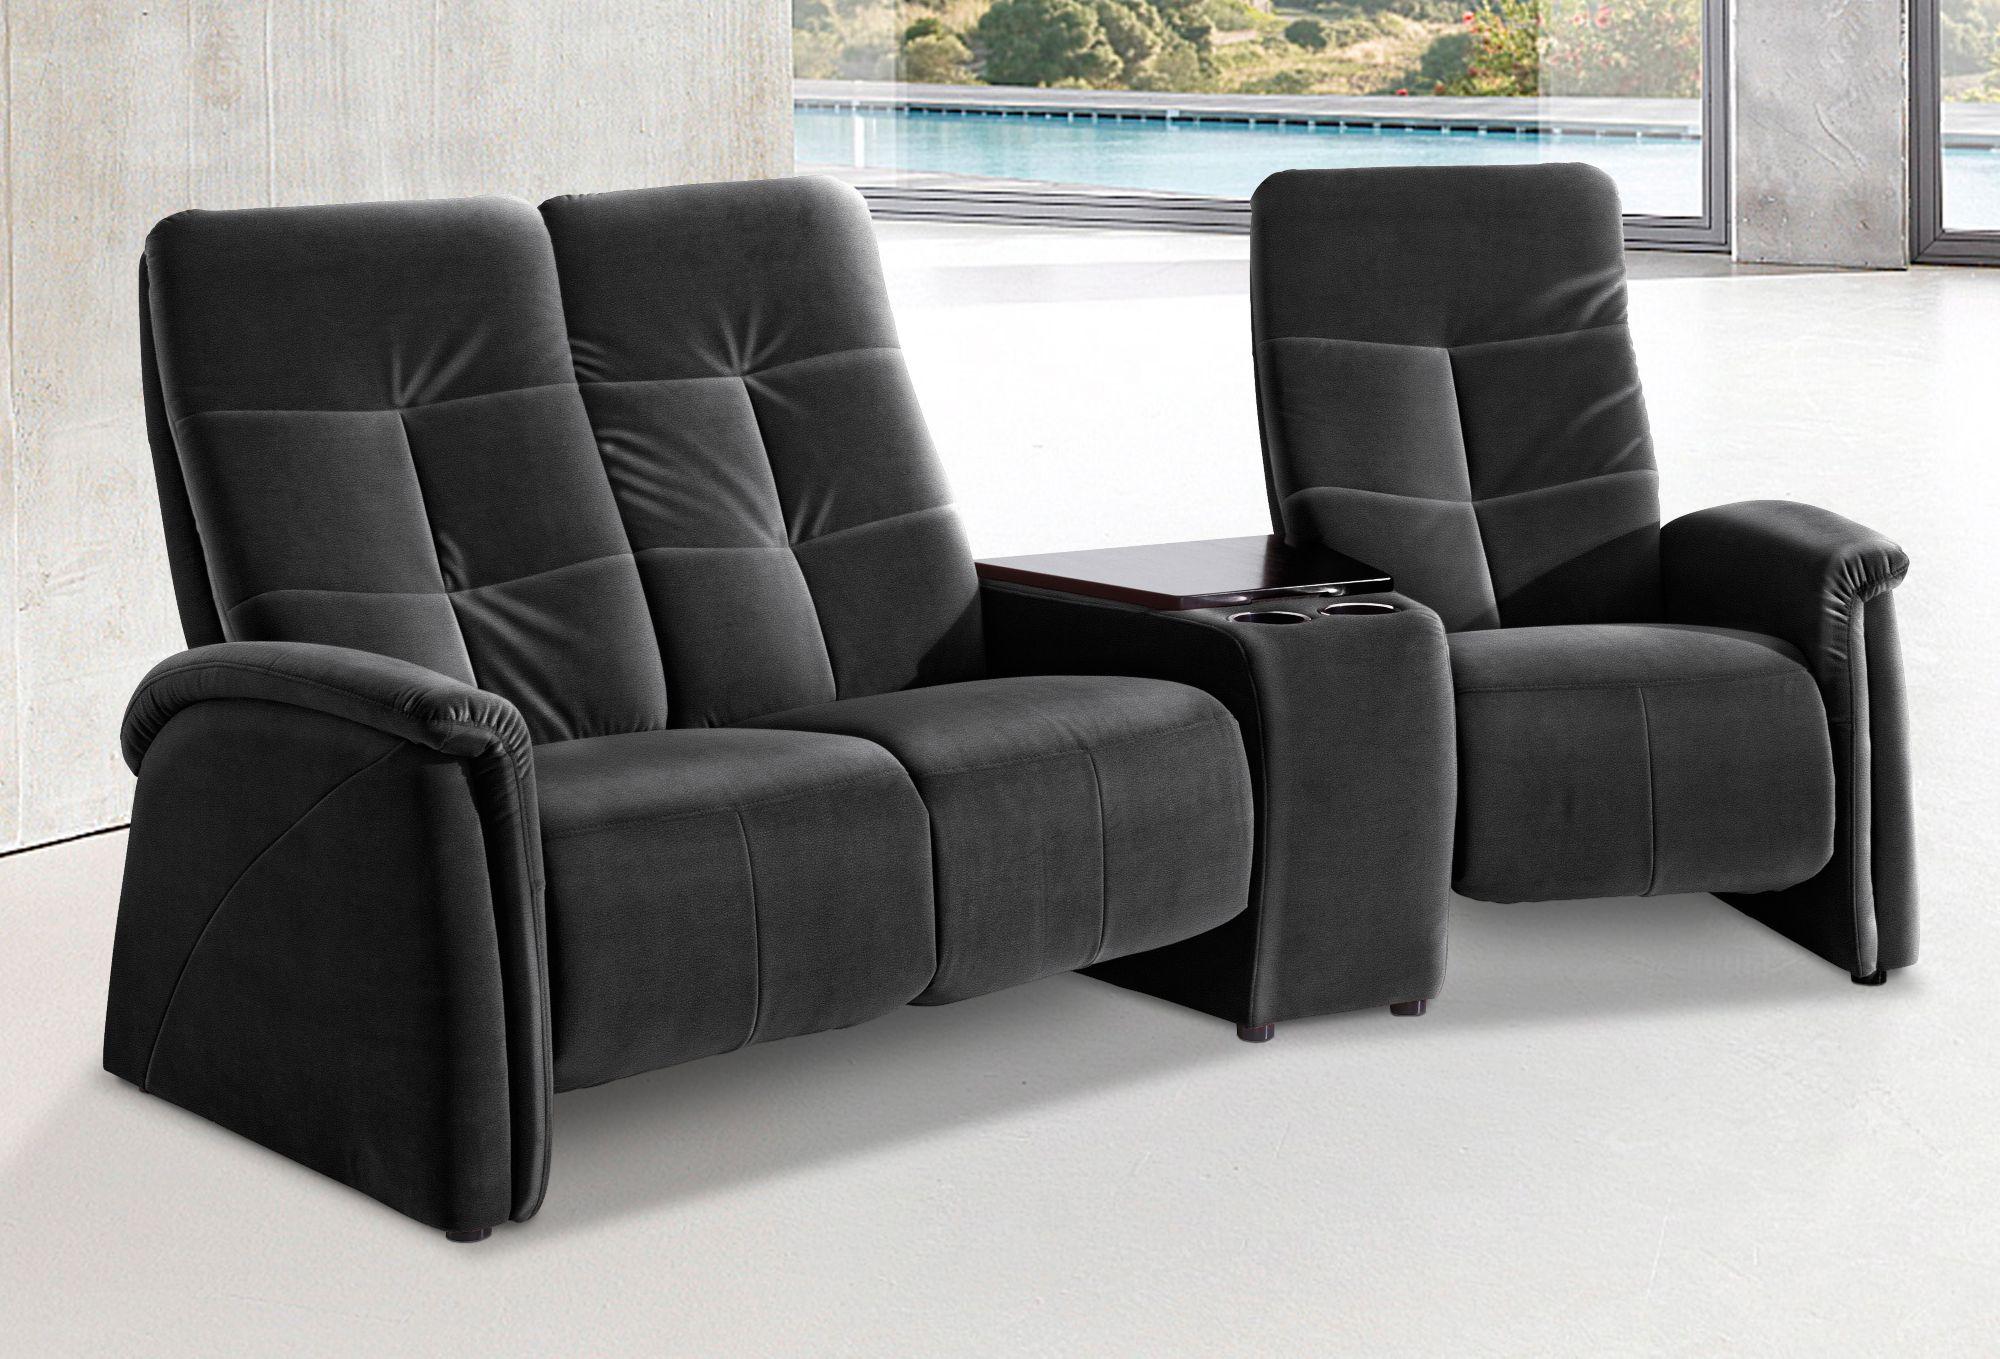 zweisitzer sofa schlaffunktion g nstig online kaufen beim schwab versand. Black Bedroom Furniture Sets. Home Design Ideas